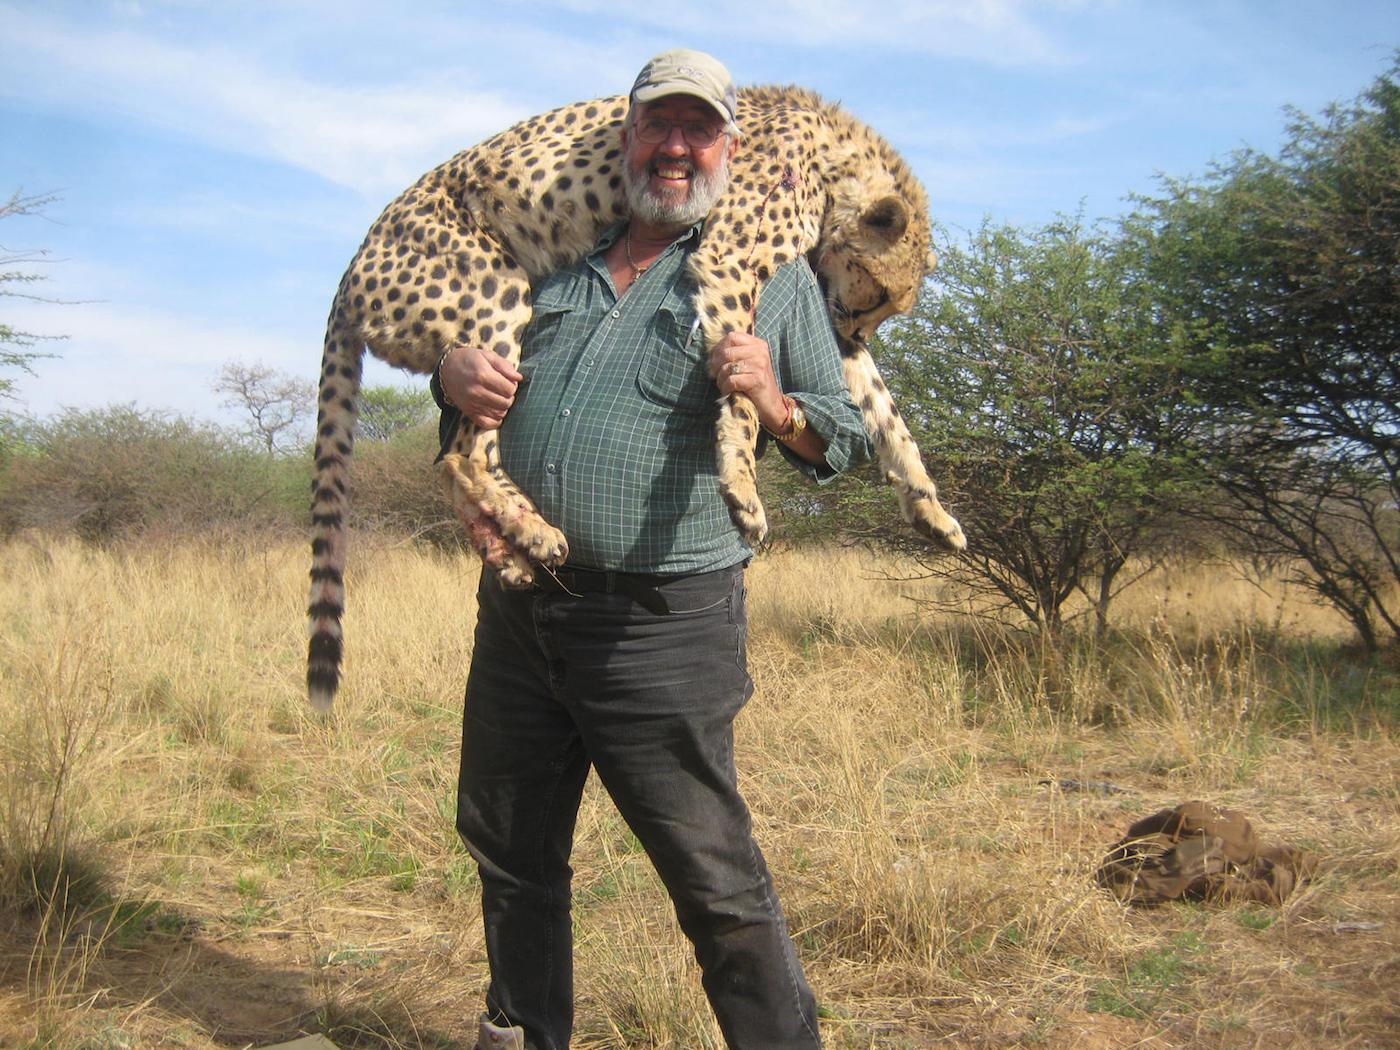 hunting-cheetah-007